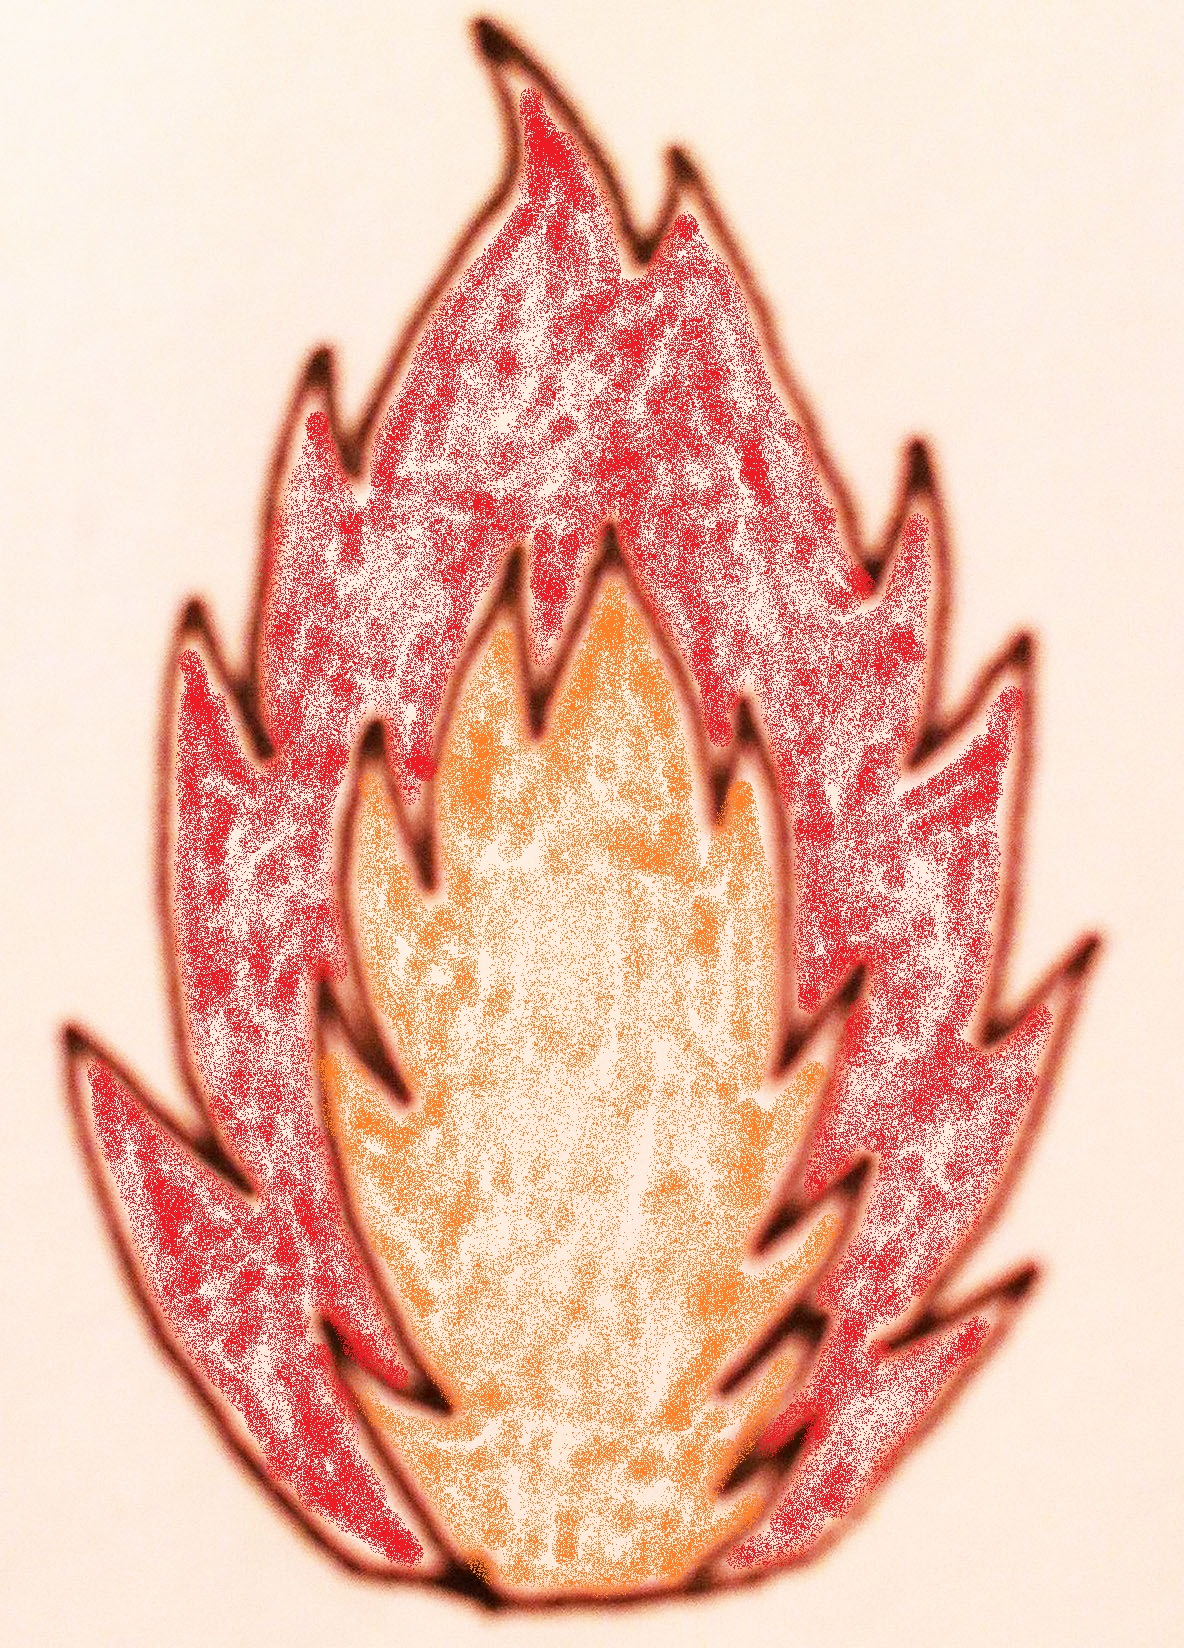 天候すら左右する存在。燃え盛る炎で表現されるほど熱い男がいるという衝撃